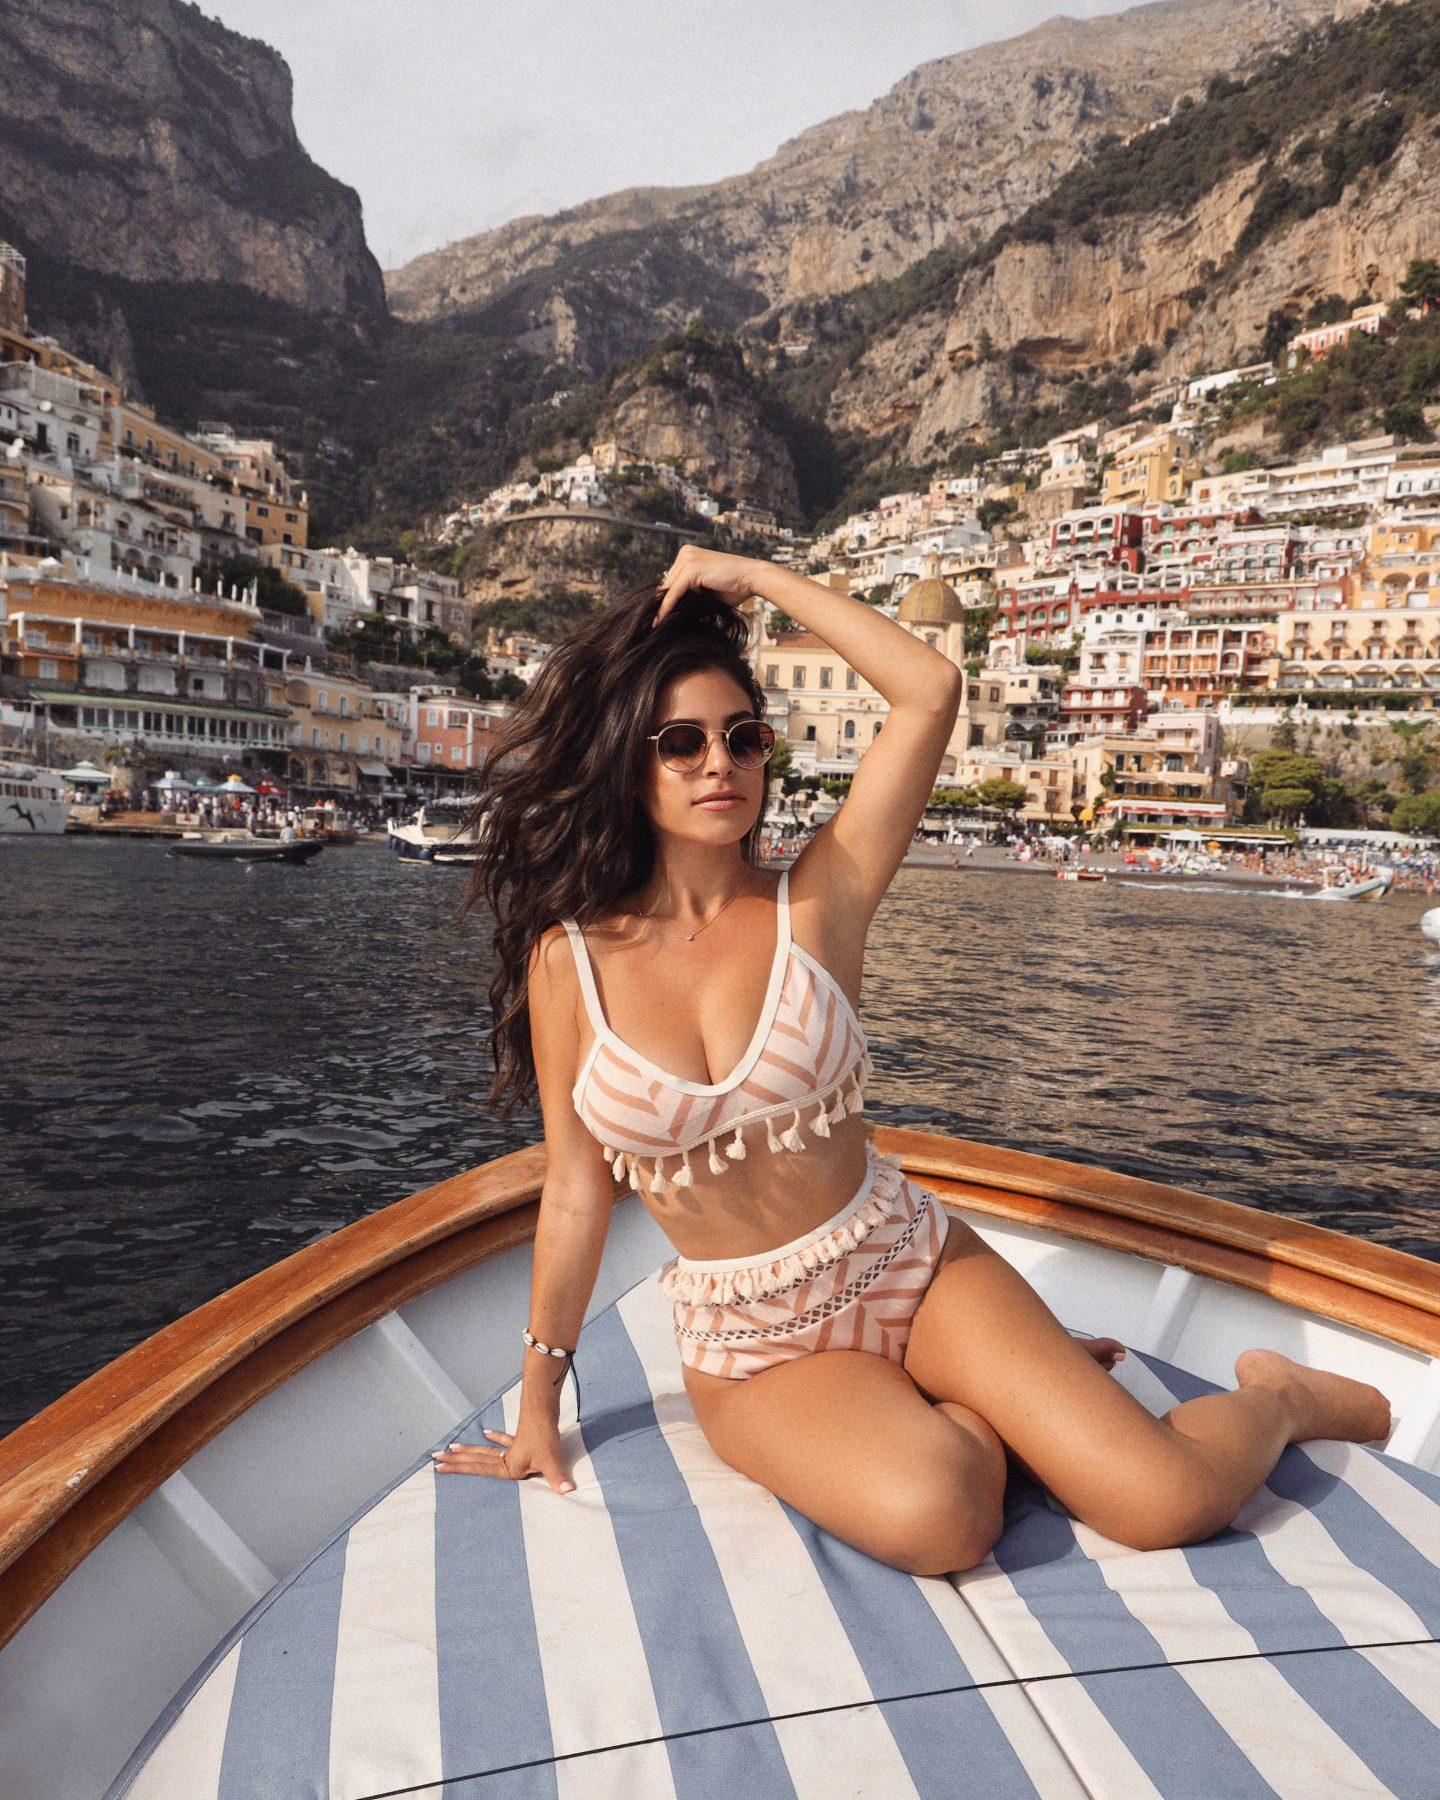 Boat trip in Positano, Italy